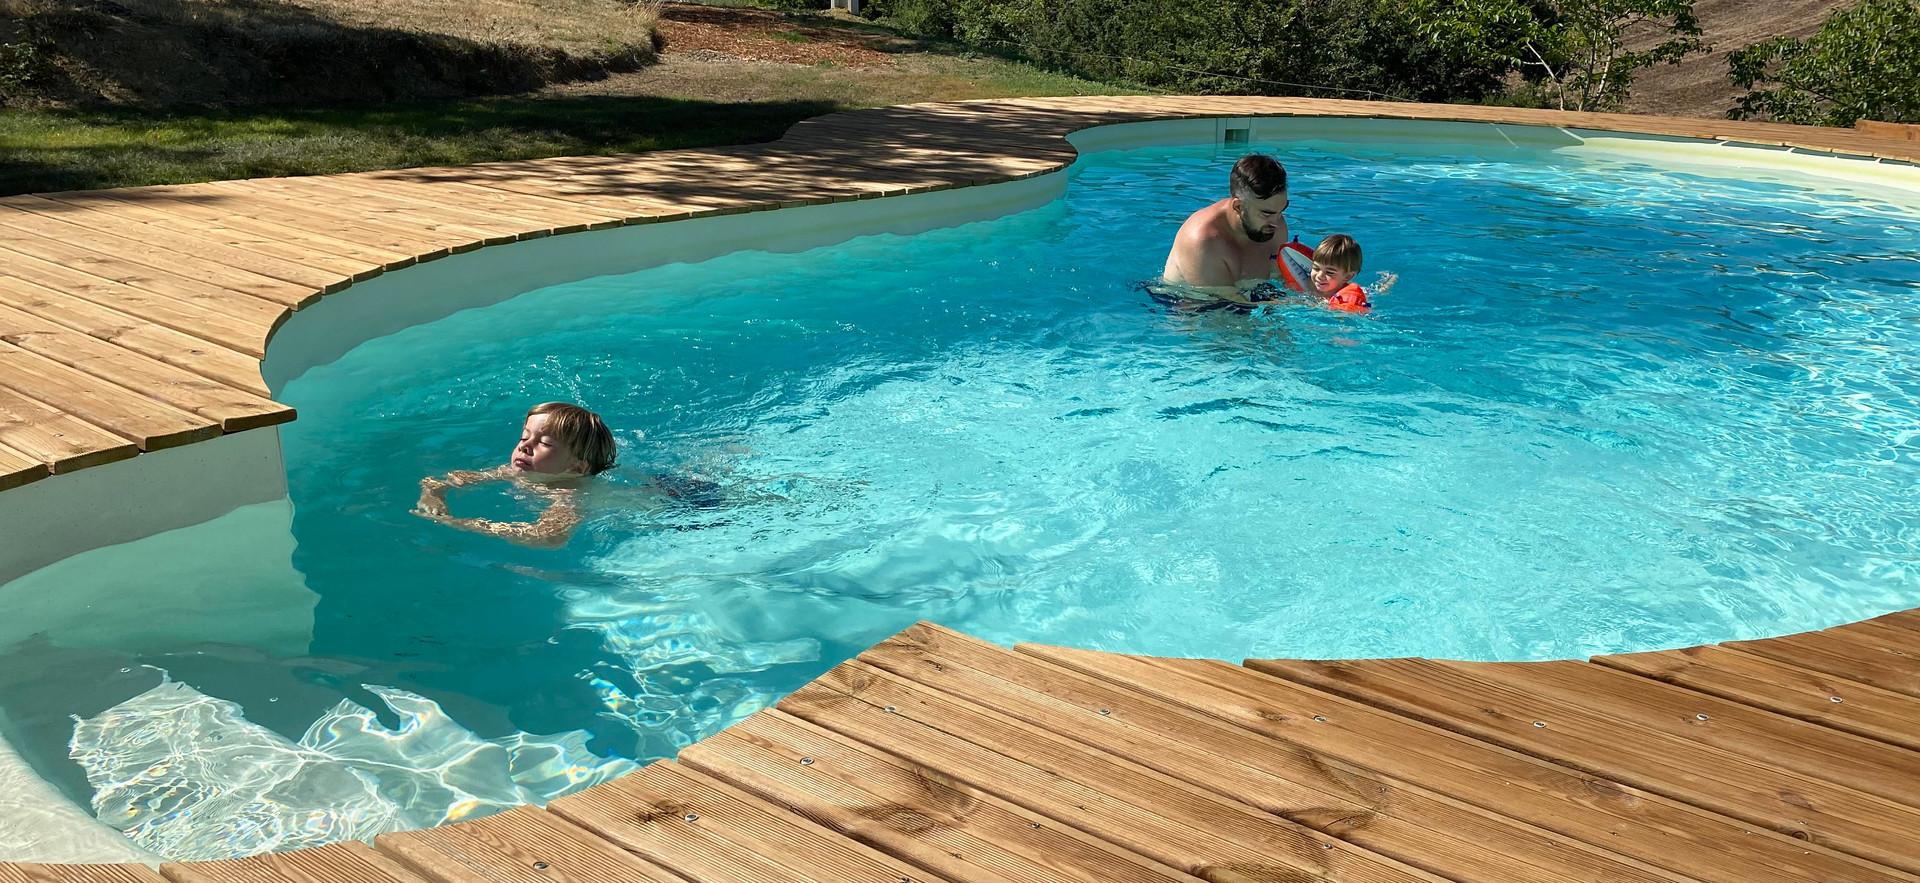 zwembadplezier.jpg